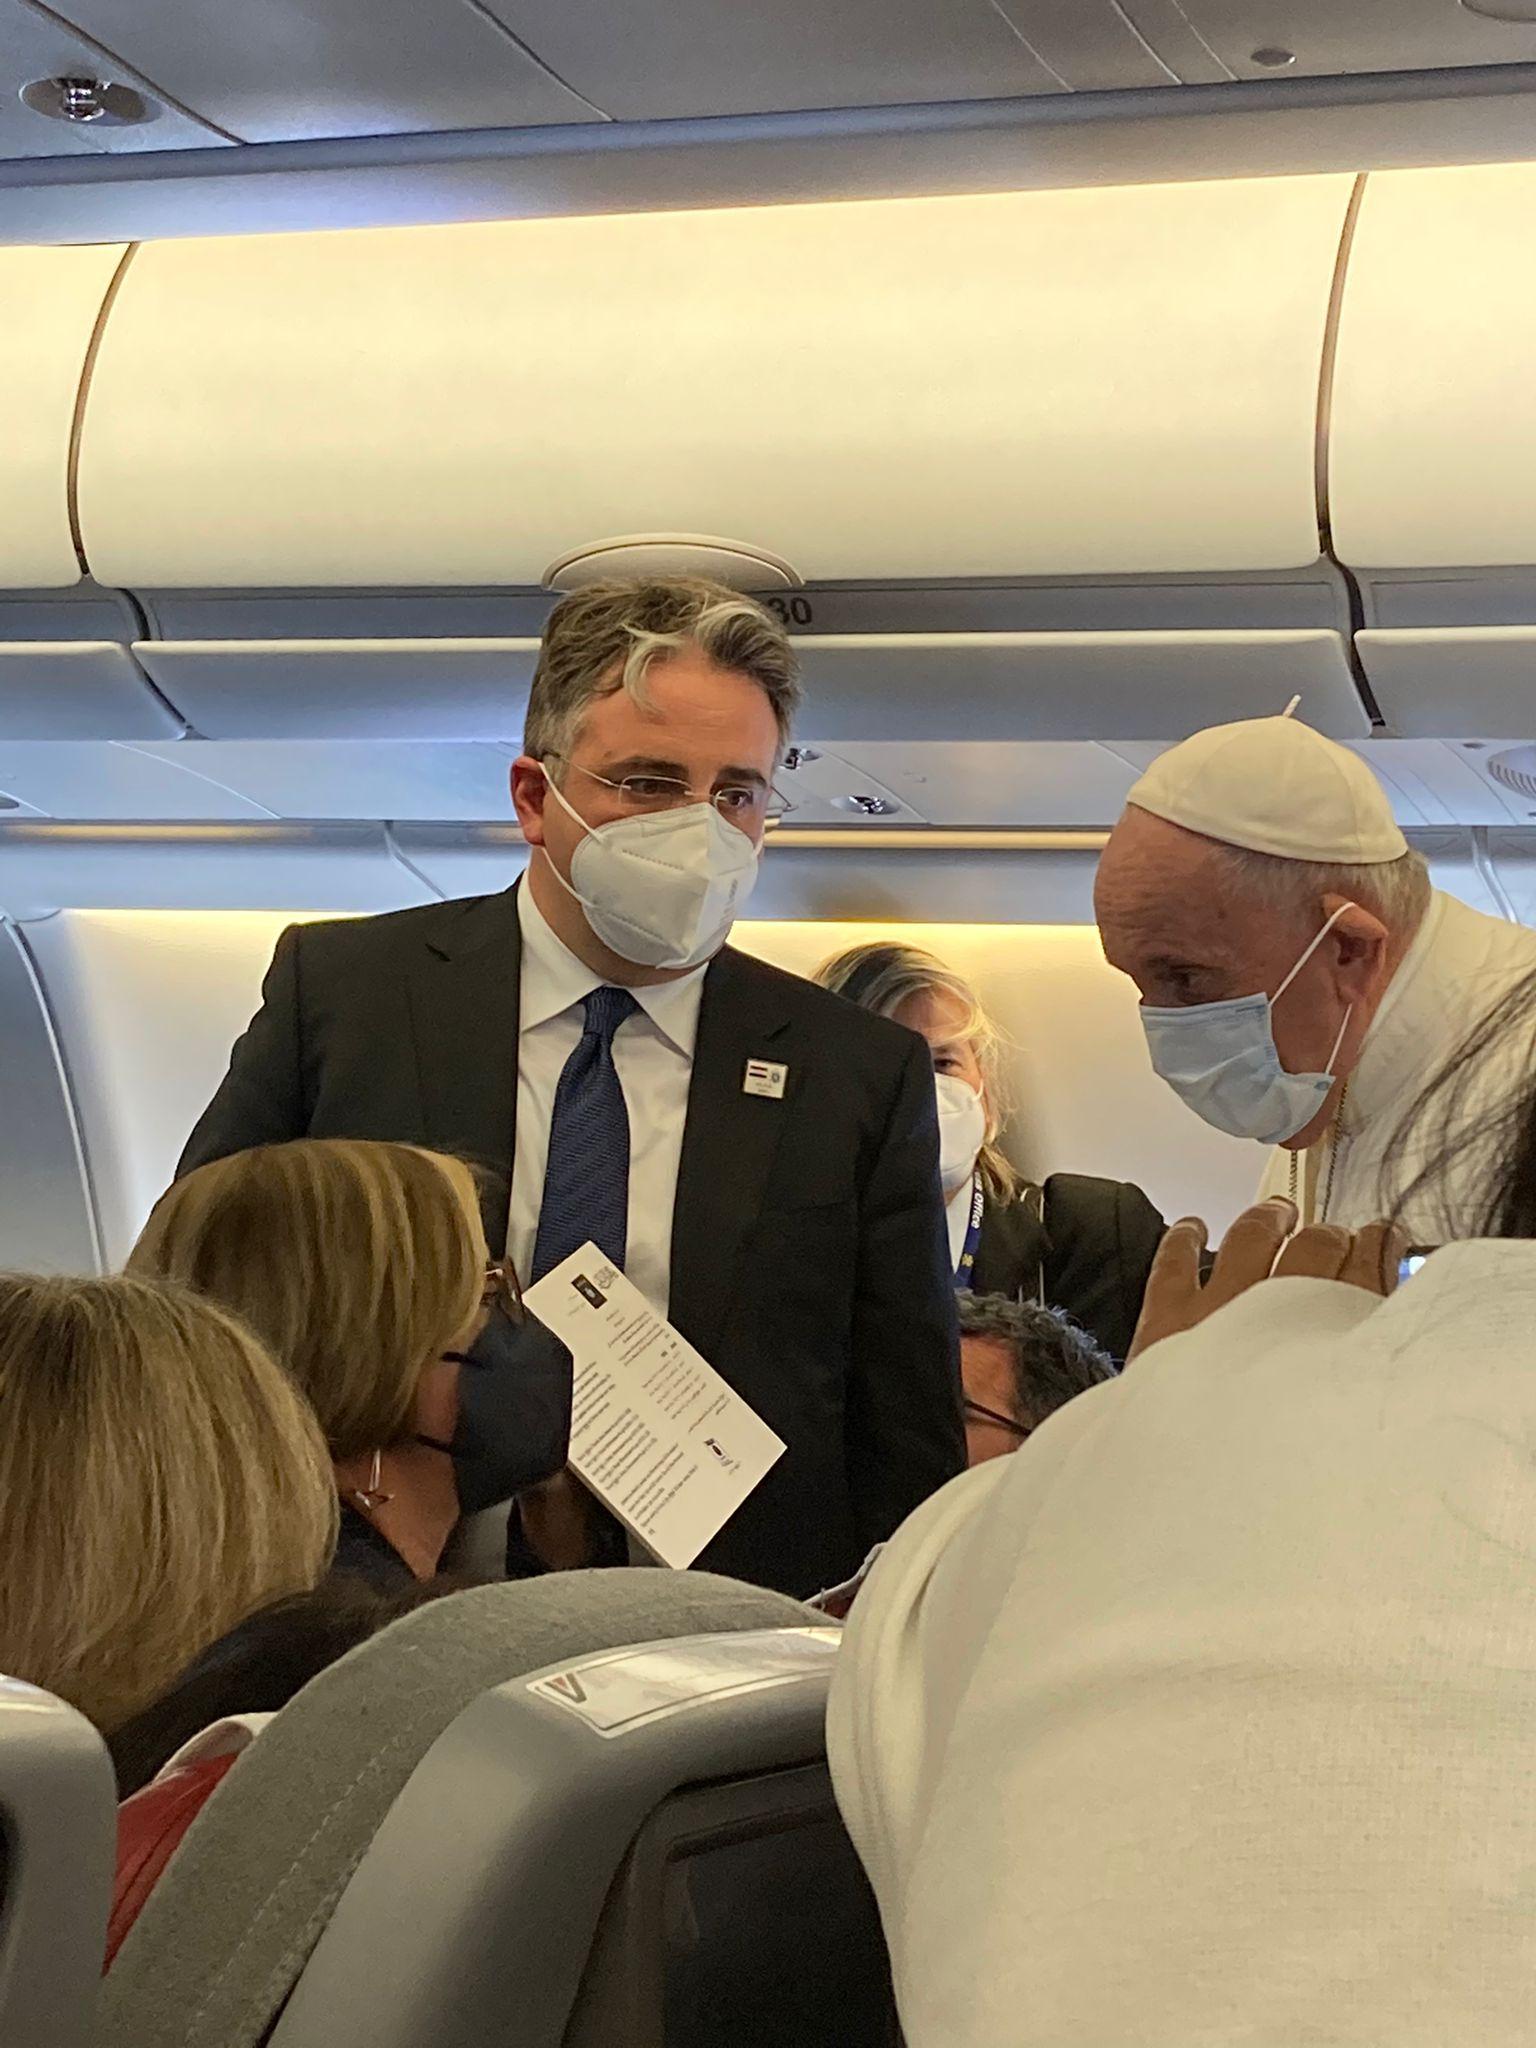 El Papa recibe la copia del anuncio de la yizia, el impuesto yihadista que se les exigió a los cristianos de Irak por parte del ISIS